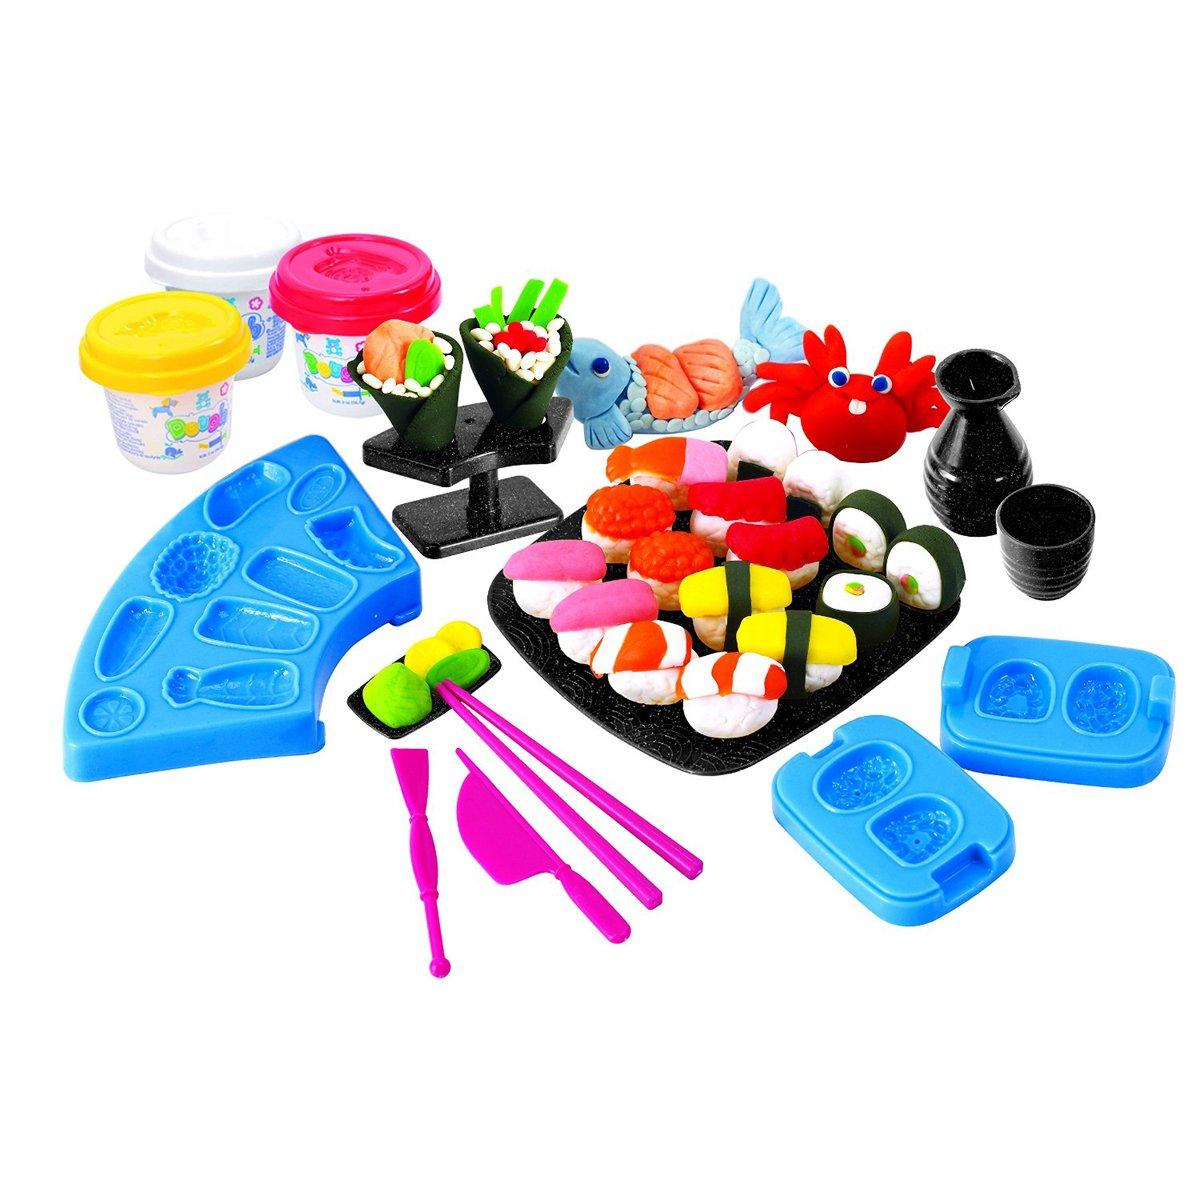 Набор с пластилином - Суши и роллыНаборы для лепки<br>Набор с пластилином - Суши и роллы<br>